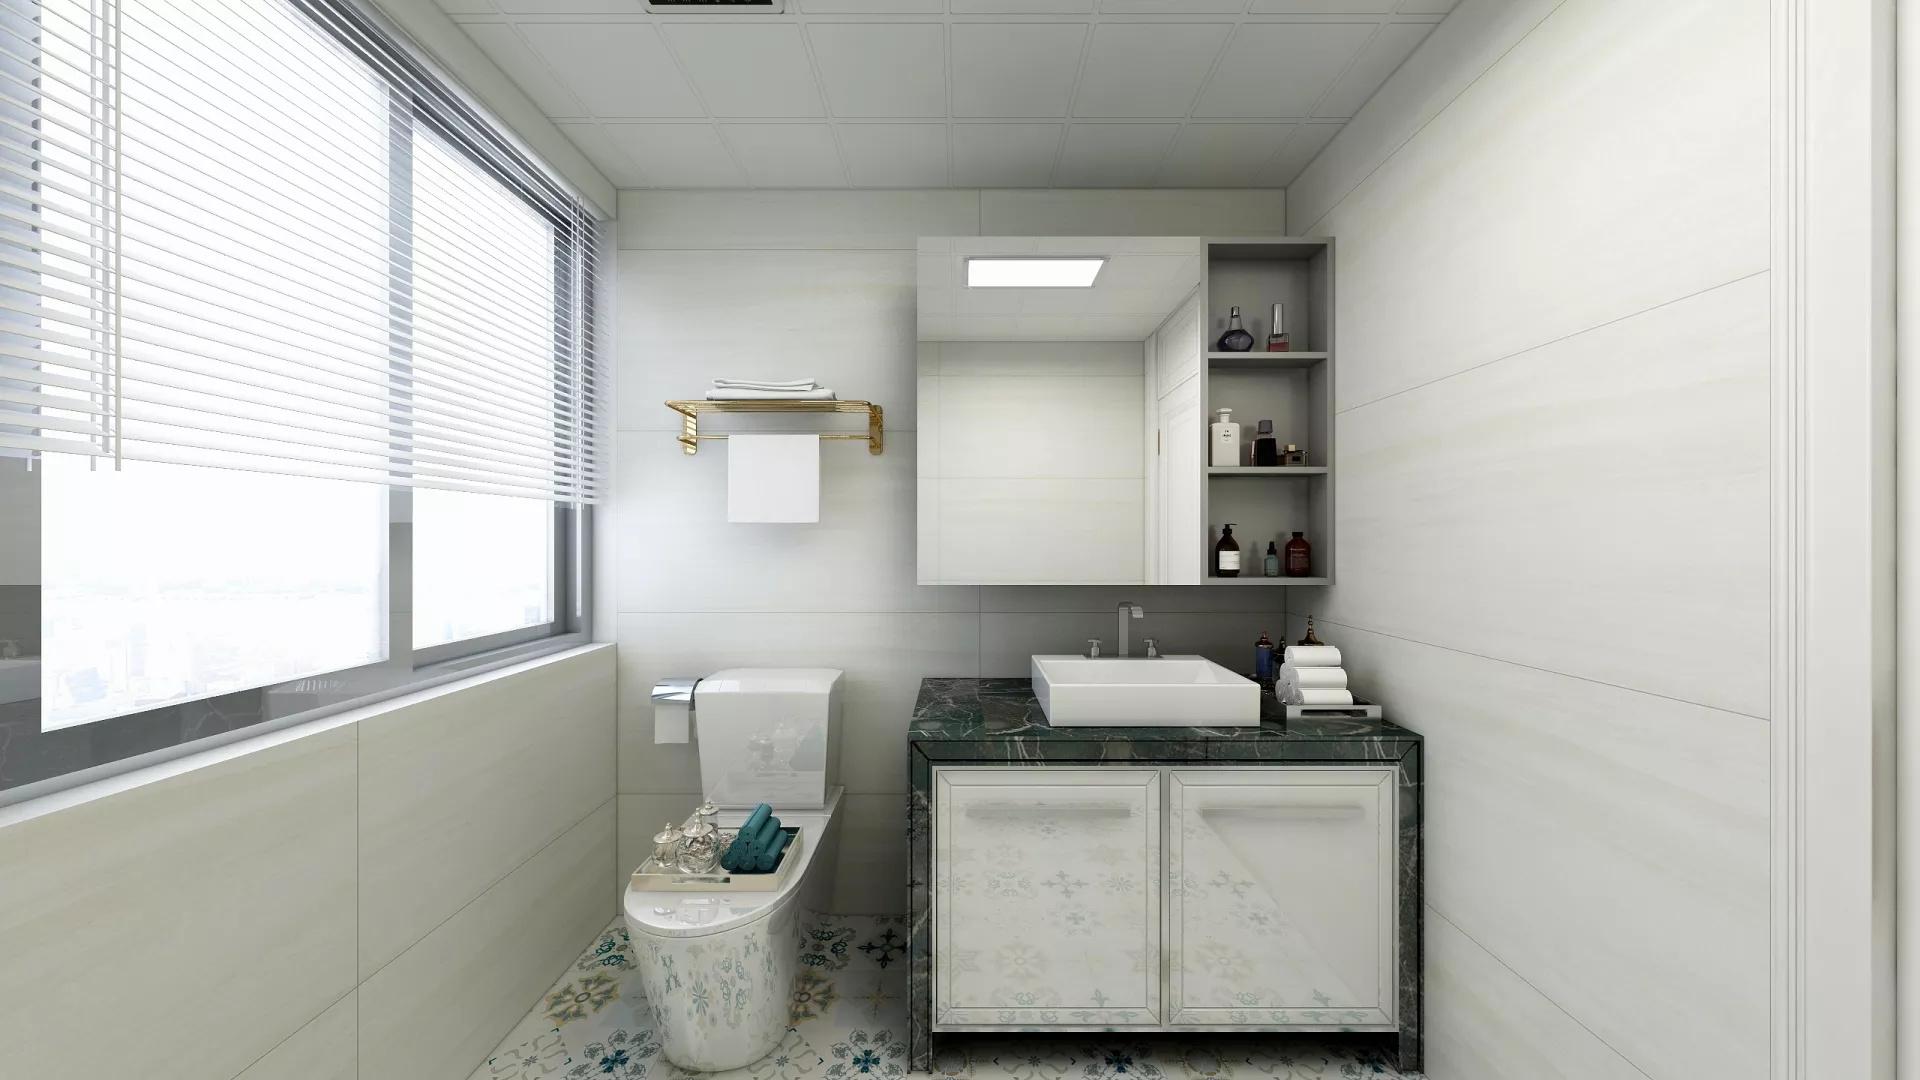 阳台设计放置洗衣机 阳台装修实景图